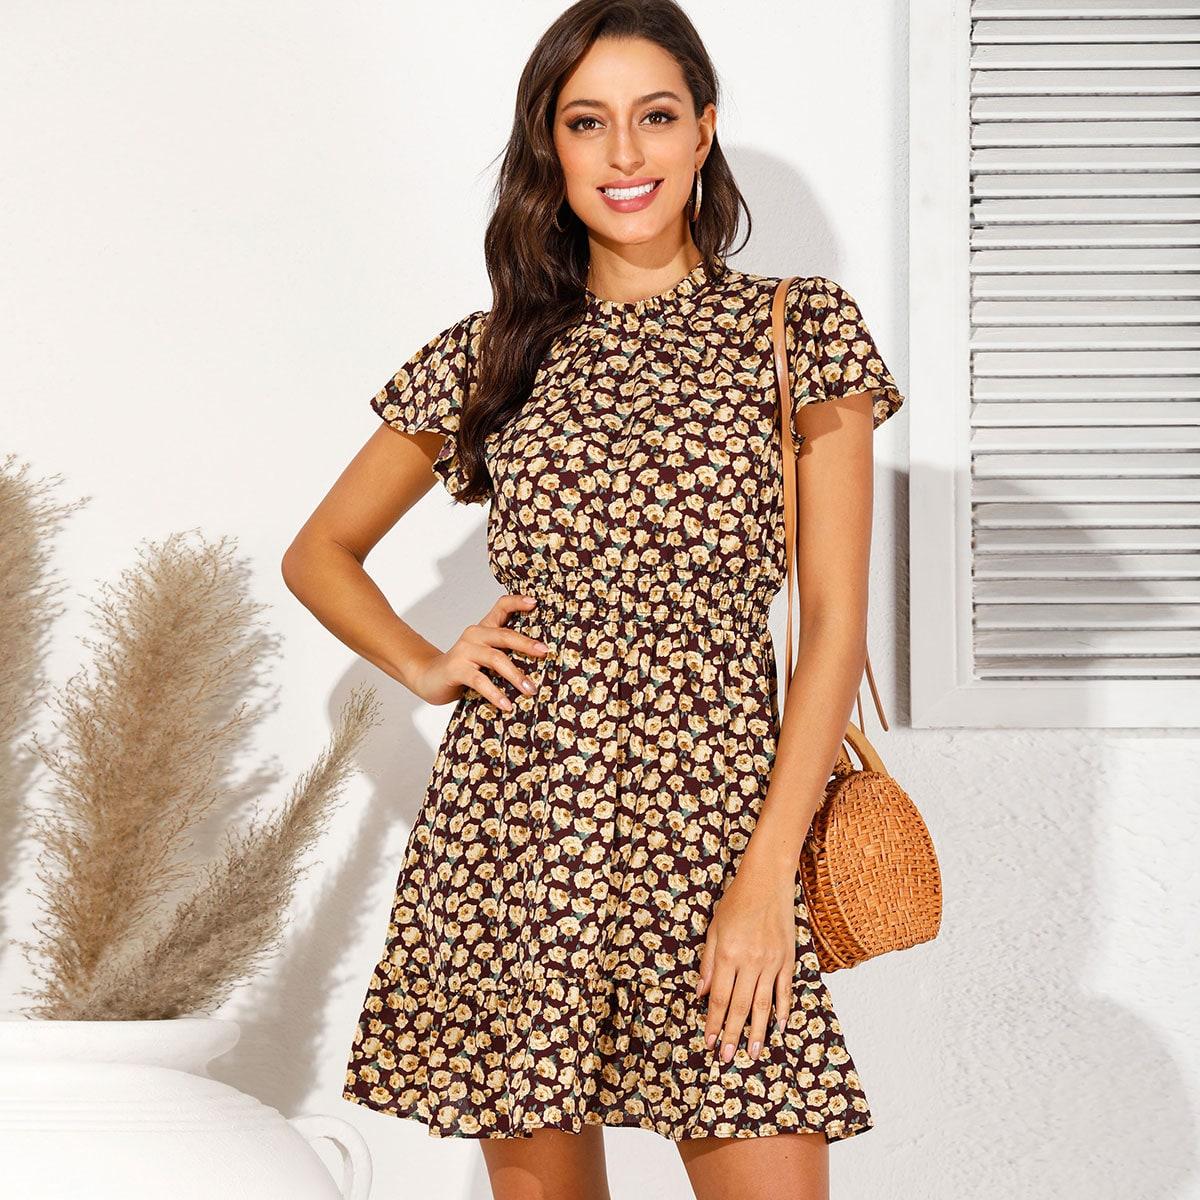 Цветочное платье с оборками и воротником-стойкой фото